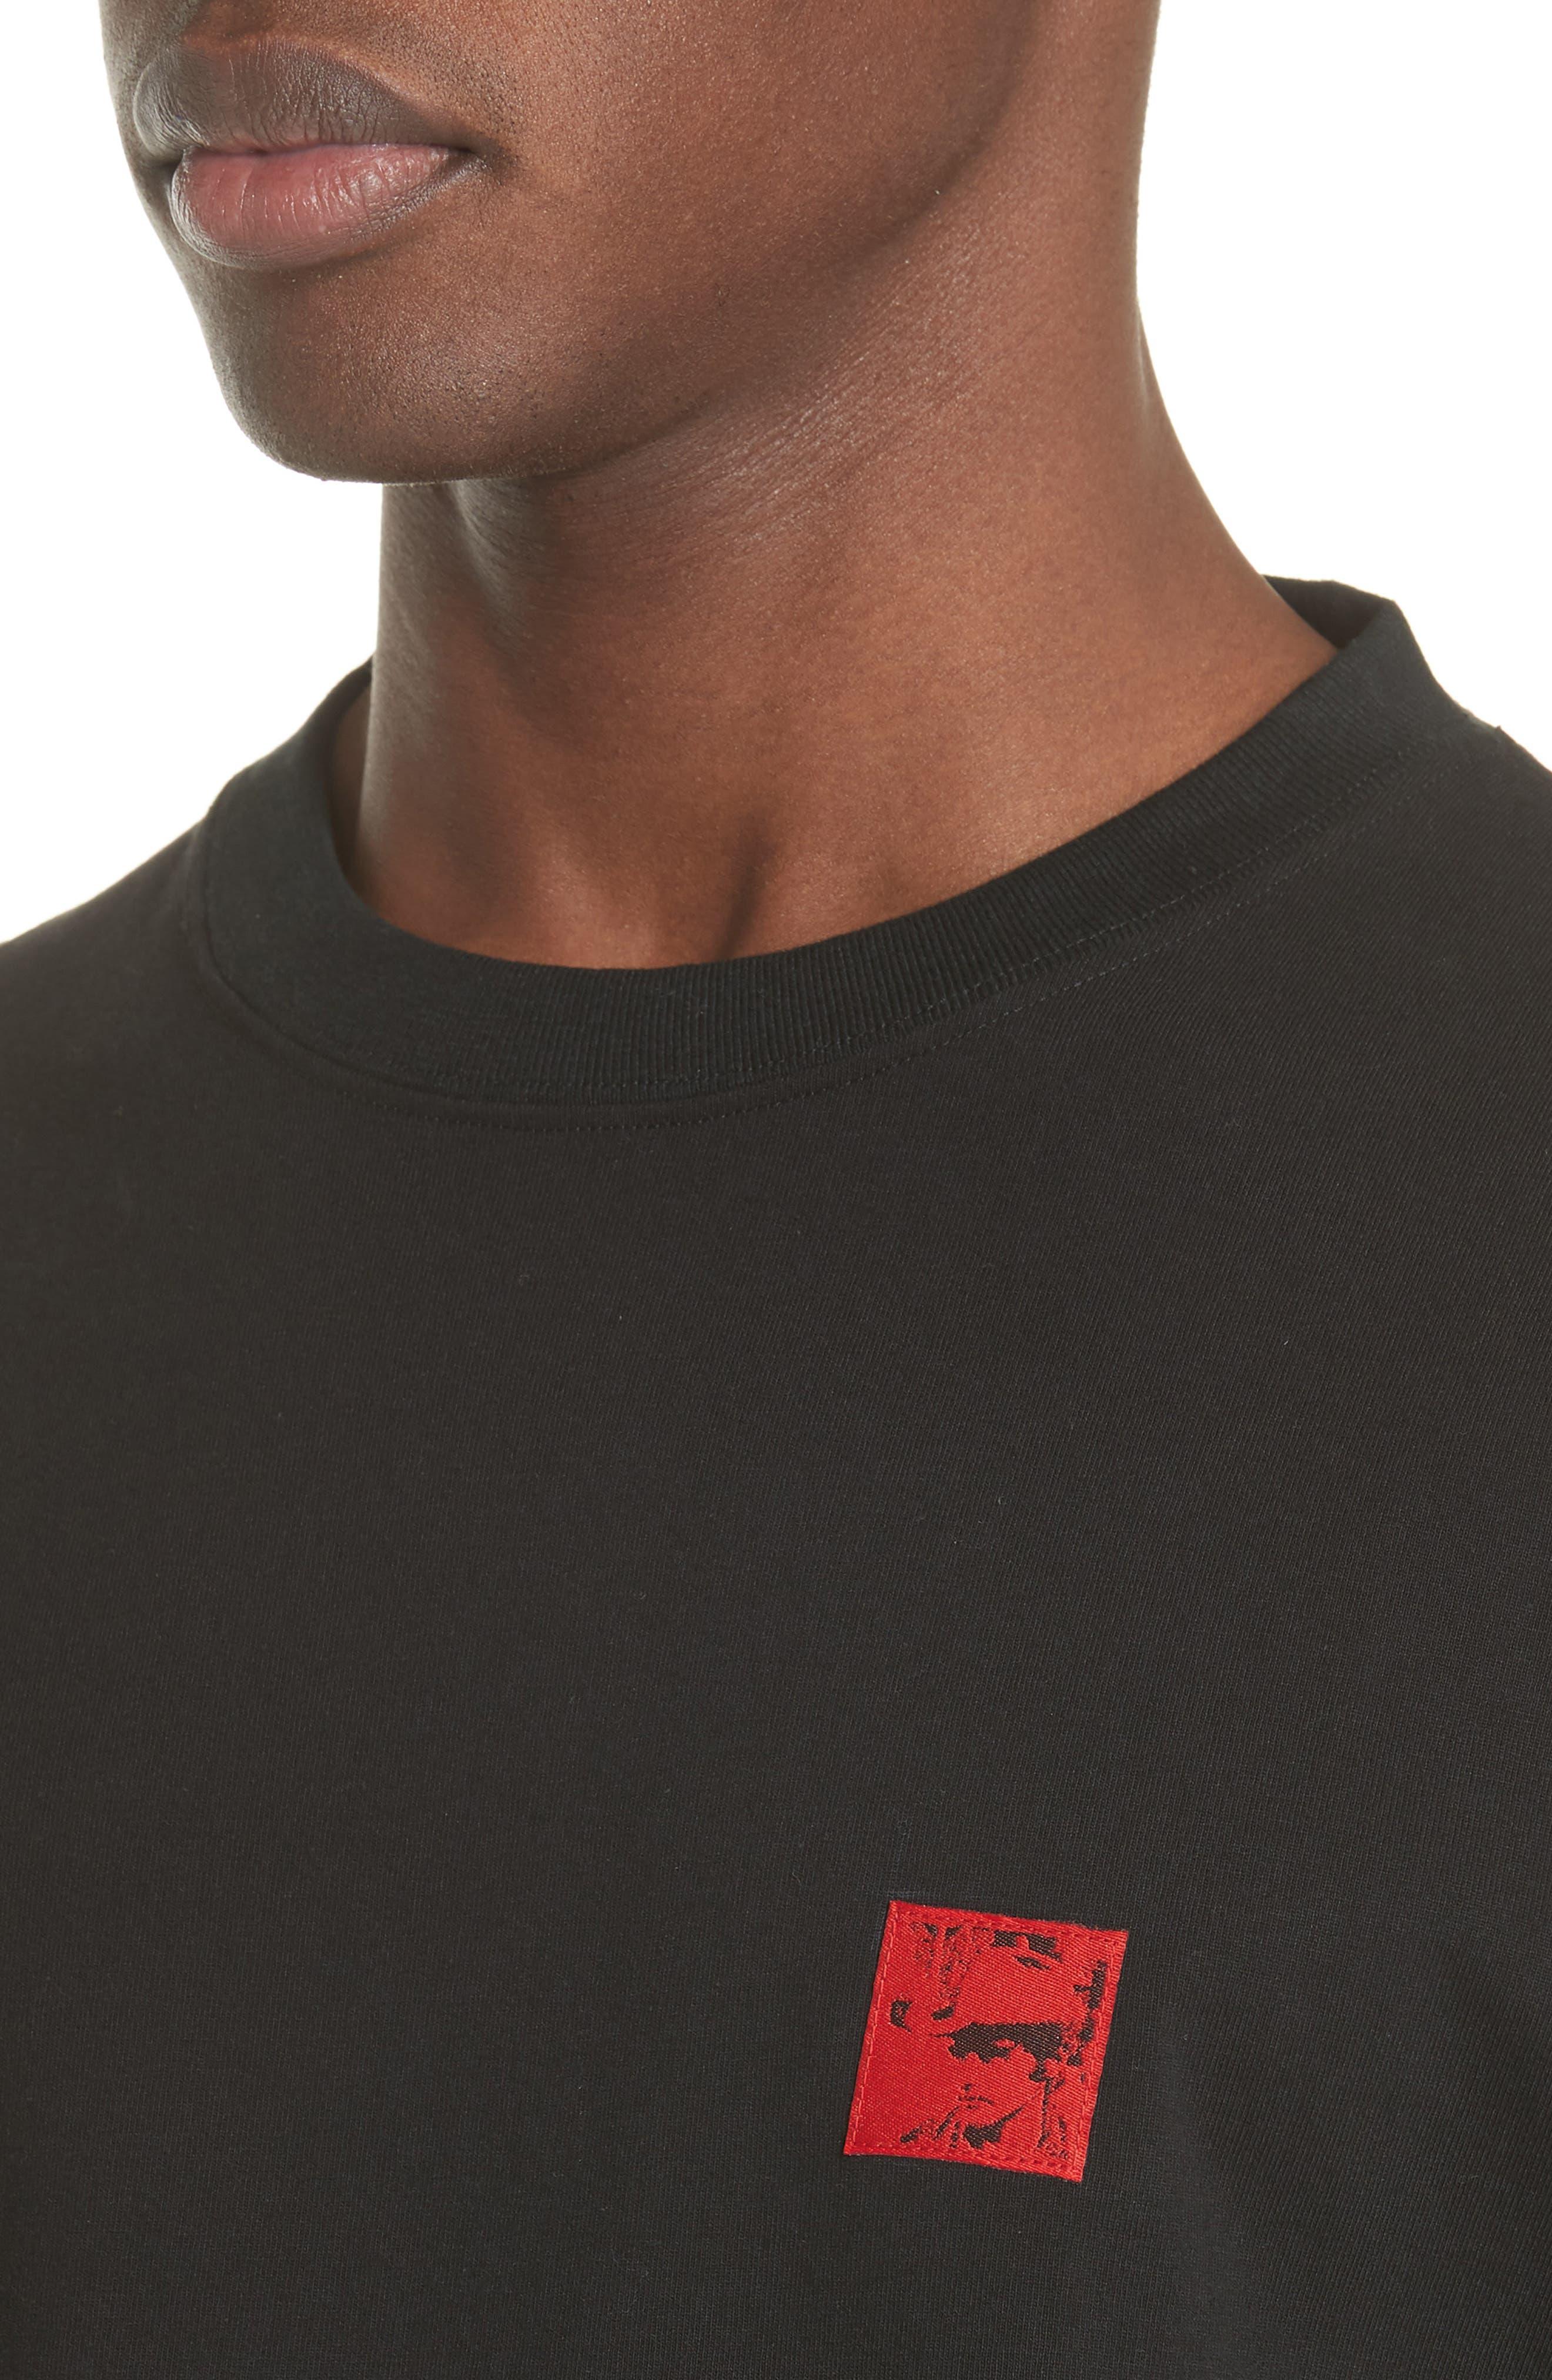 Dennis Hopper T-Shirt,                             Alternate thumbnail 4, color,                             001